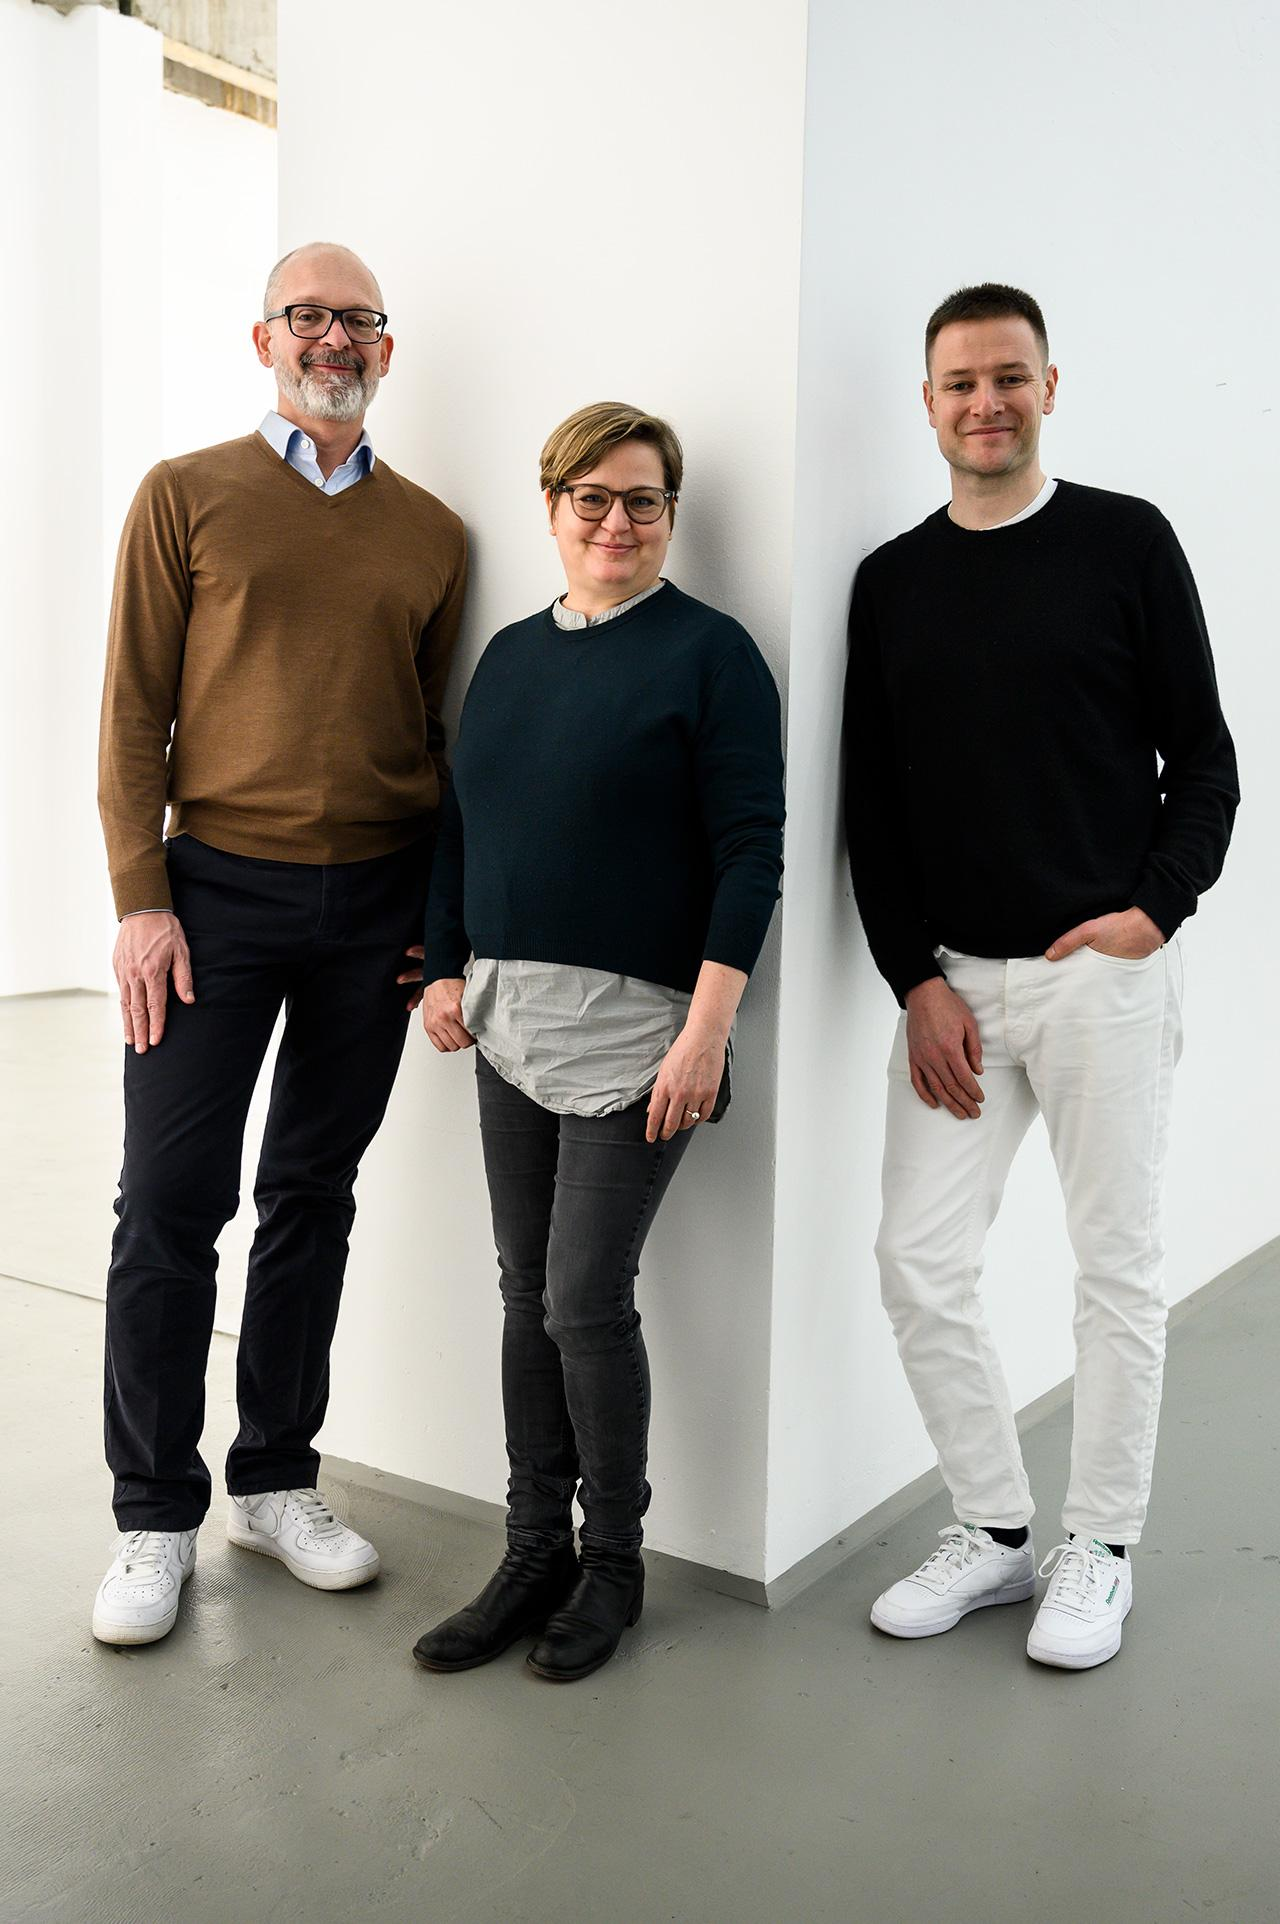 Willem-de-Rooij-Angela-Bulloch-Simon-Denny-Portrait-Photo-Piero-Chiussi